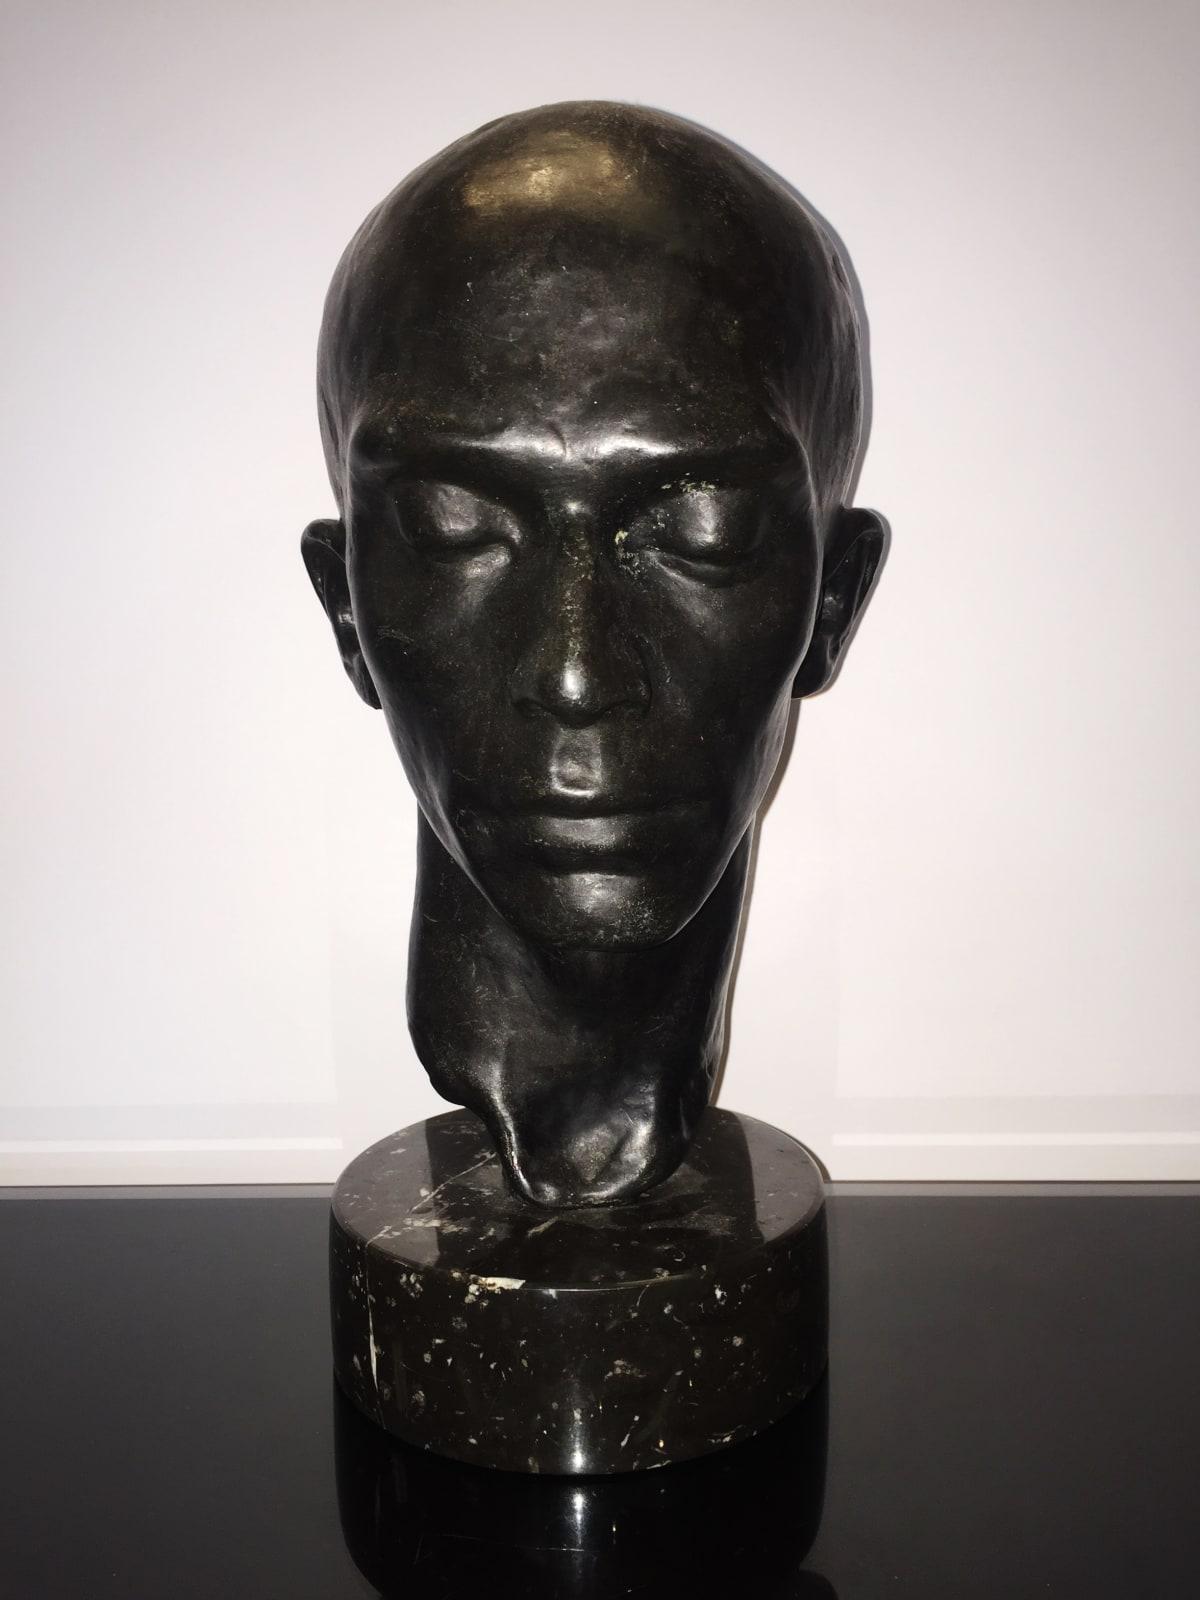 Richmond Barthe Head of a Dancer:Harald Kreutzberg, c. 1933 Bronze 13 x 8 x 6